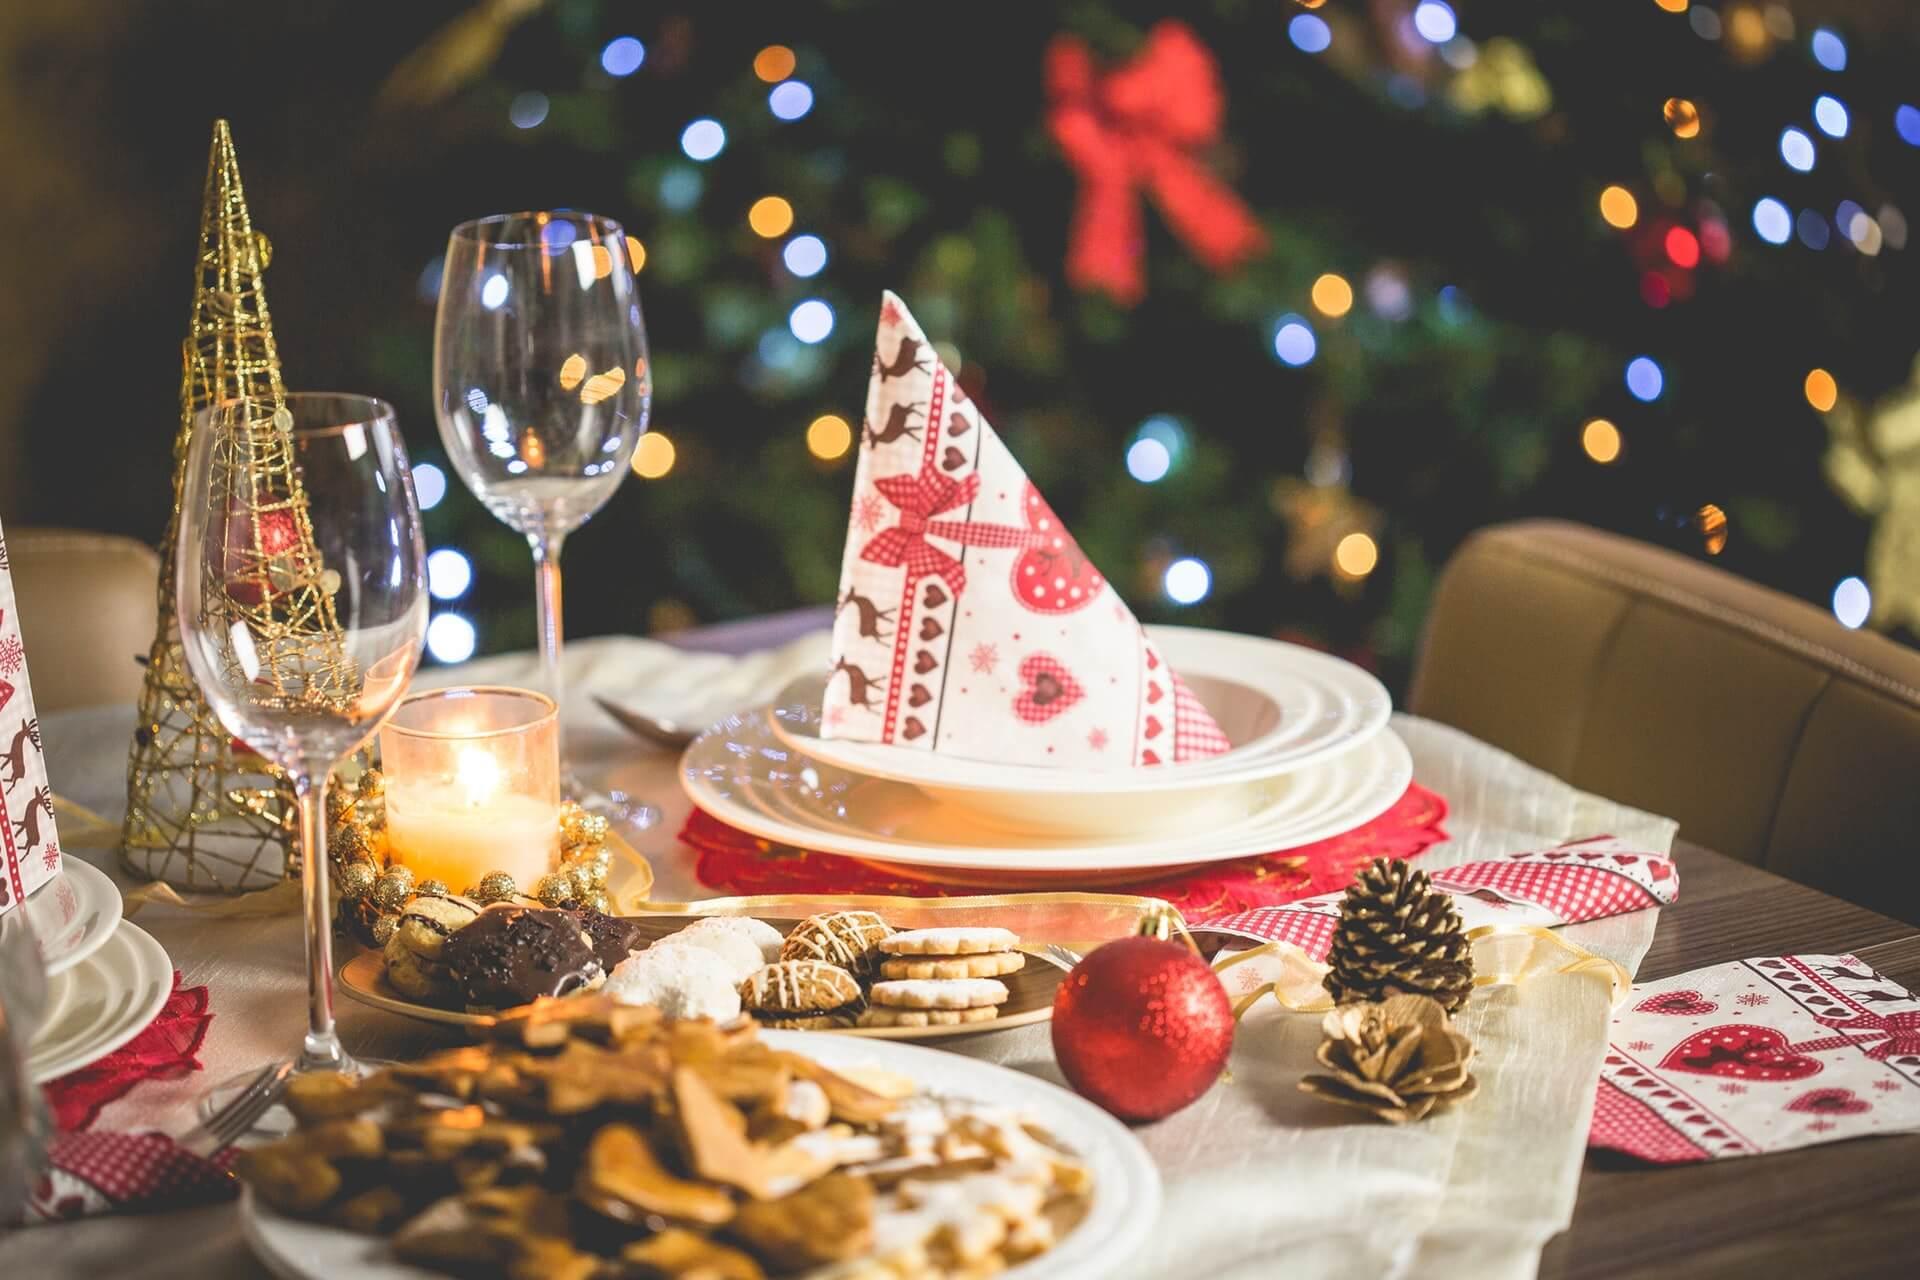 Kerstmis diner tafel gedekt